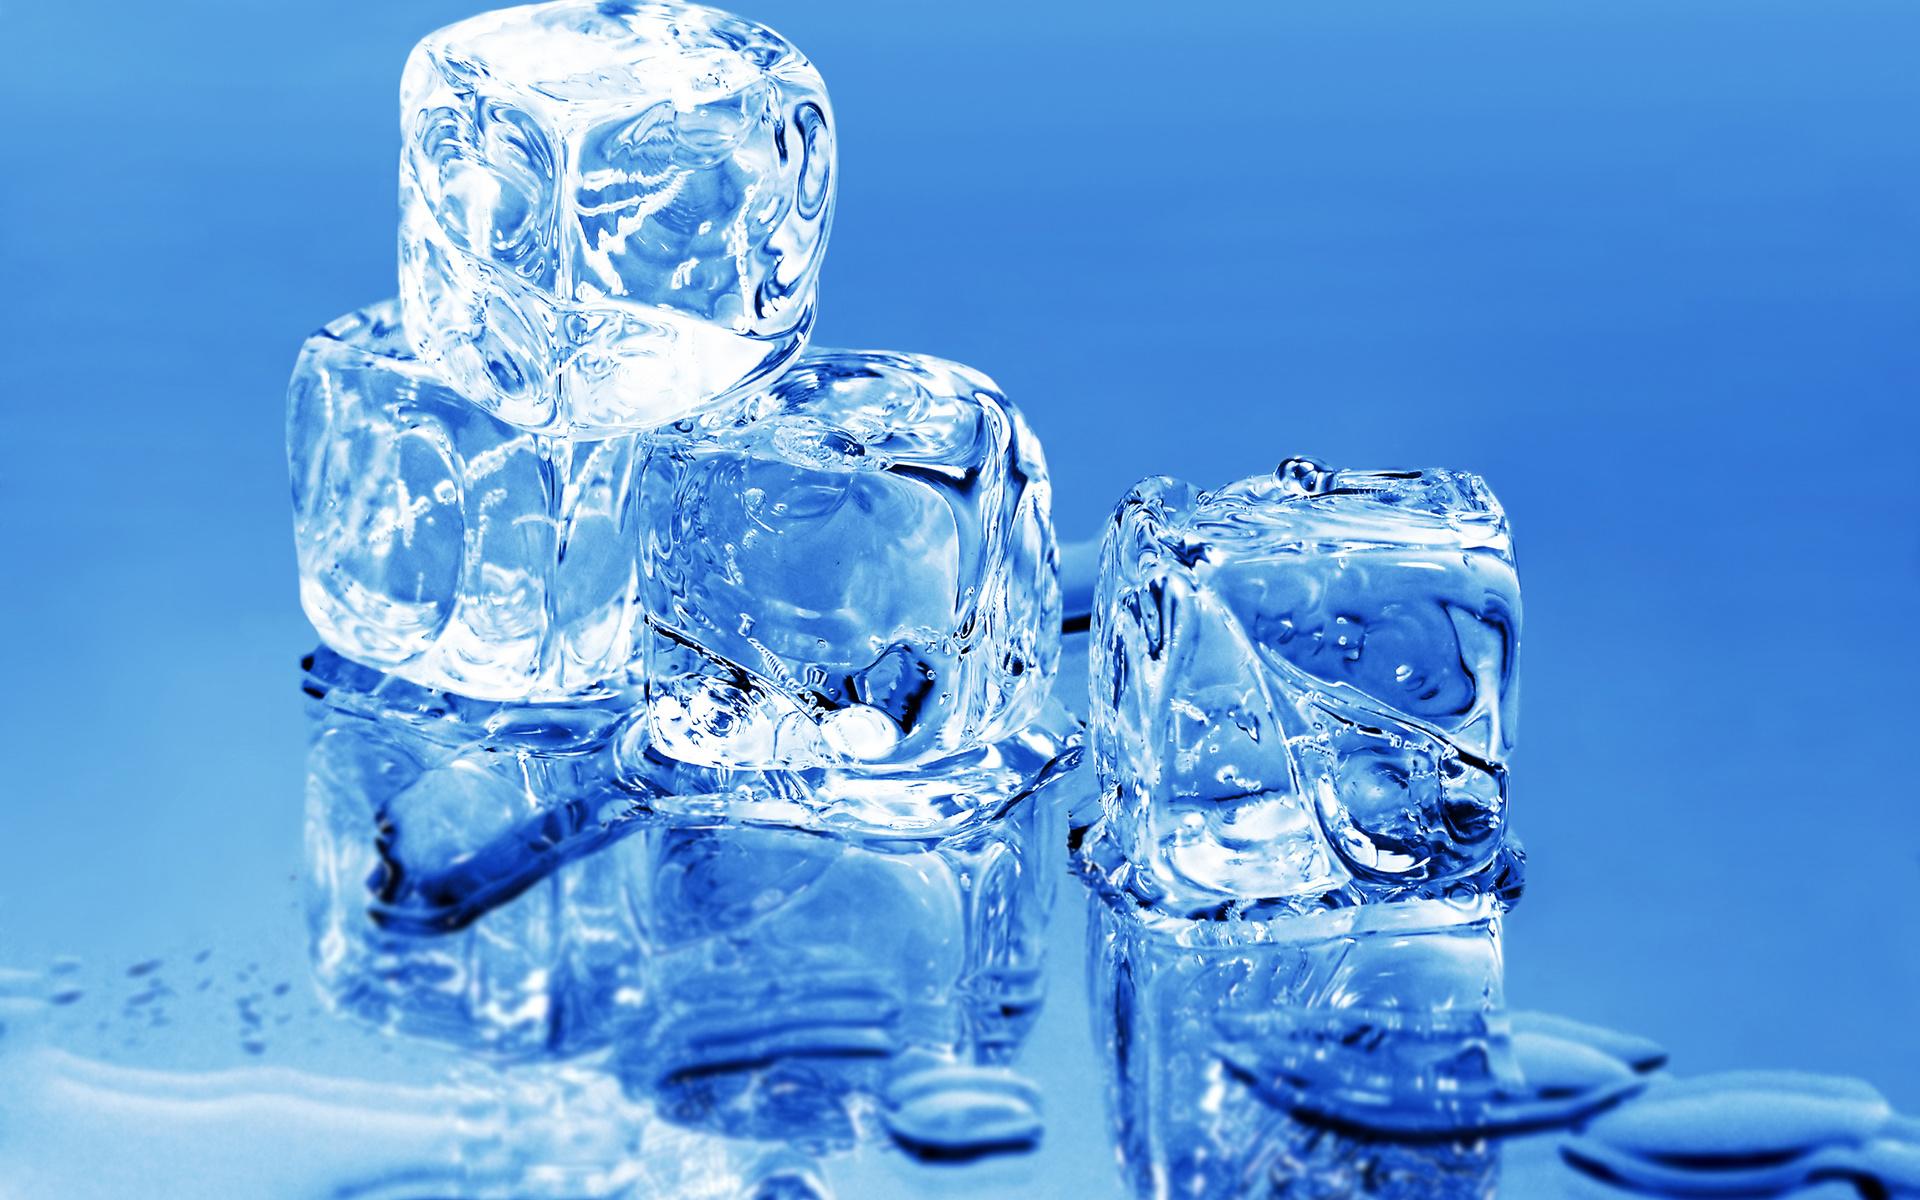 Лед в картинках для детей, картинках